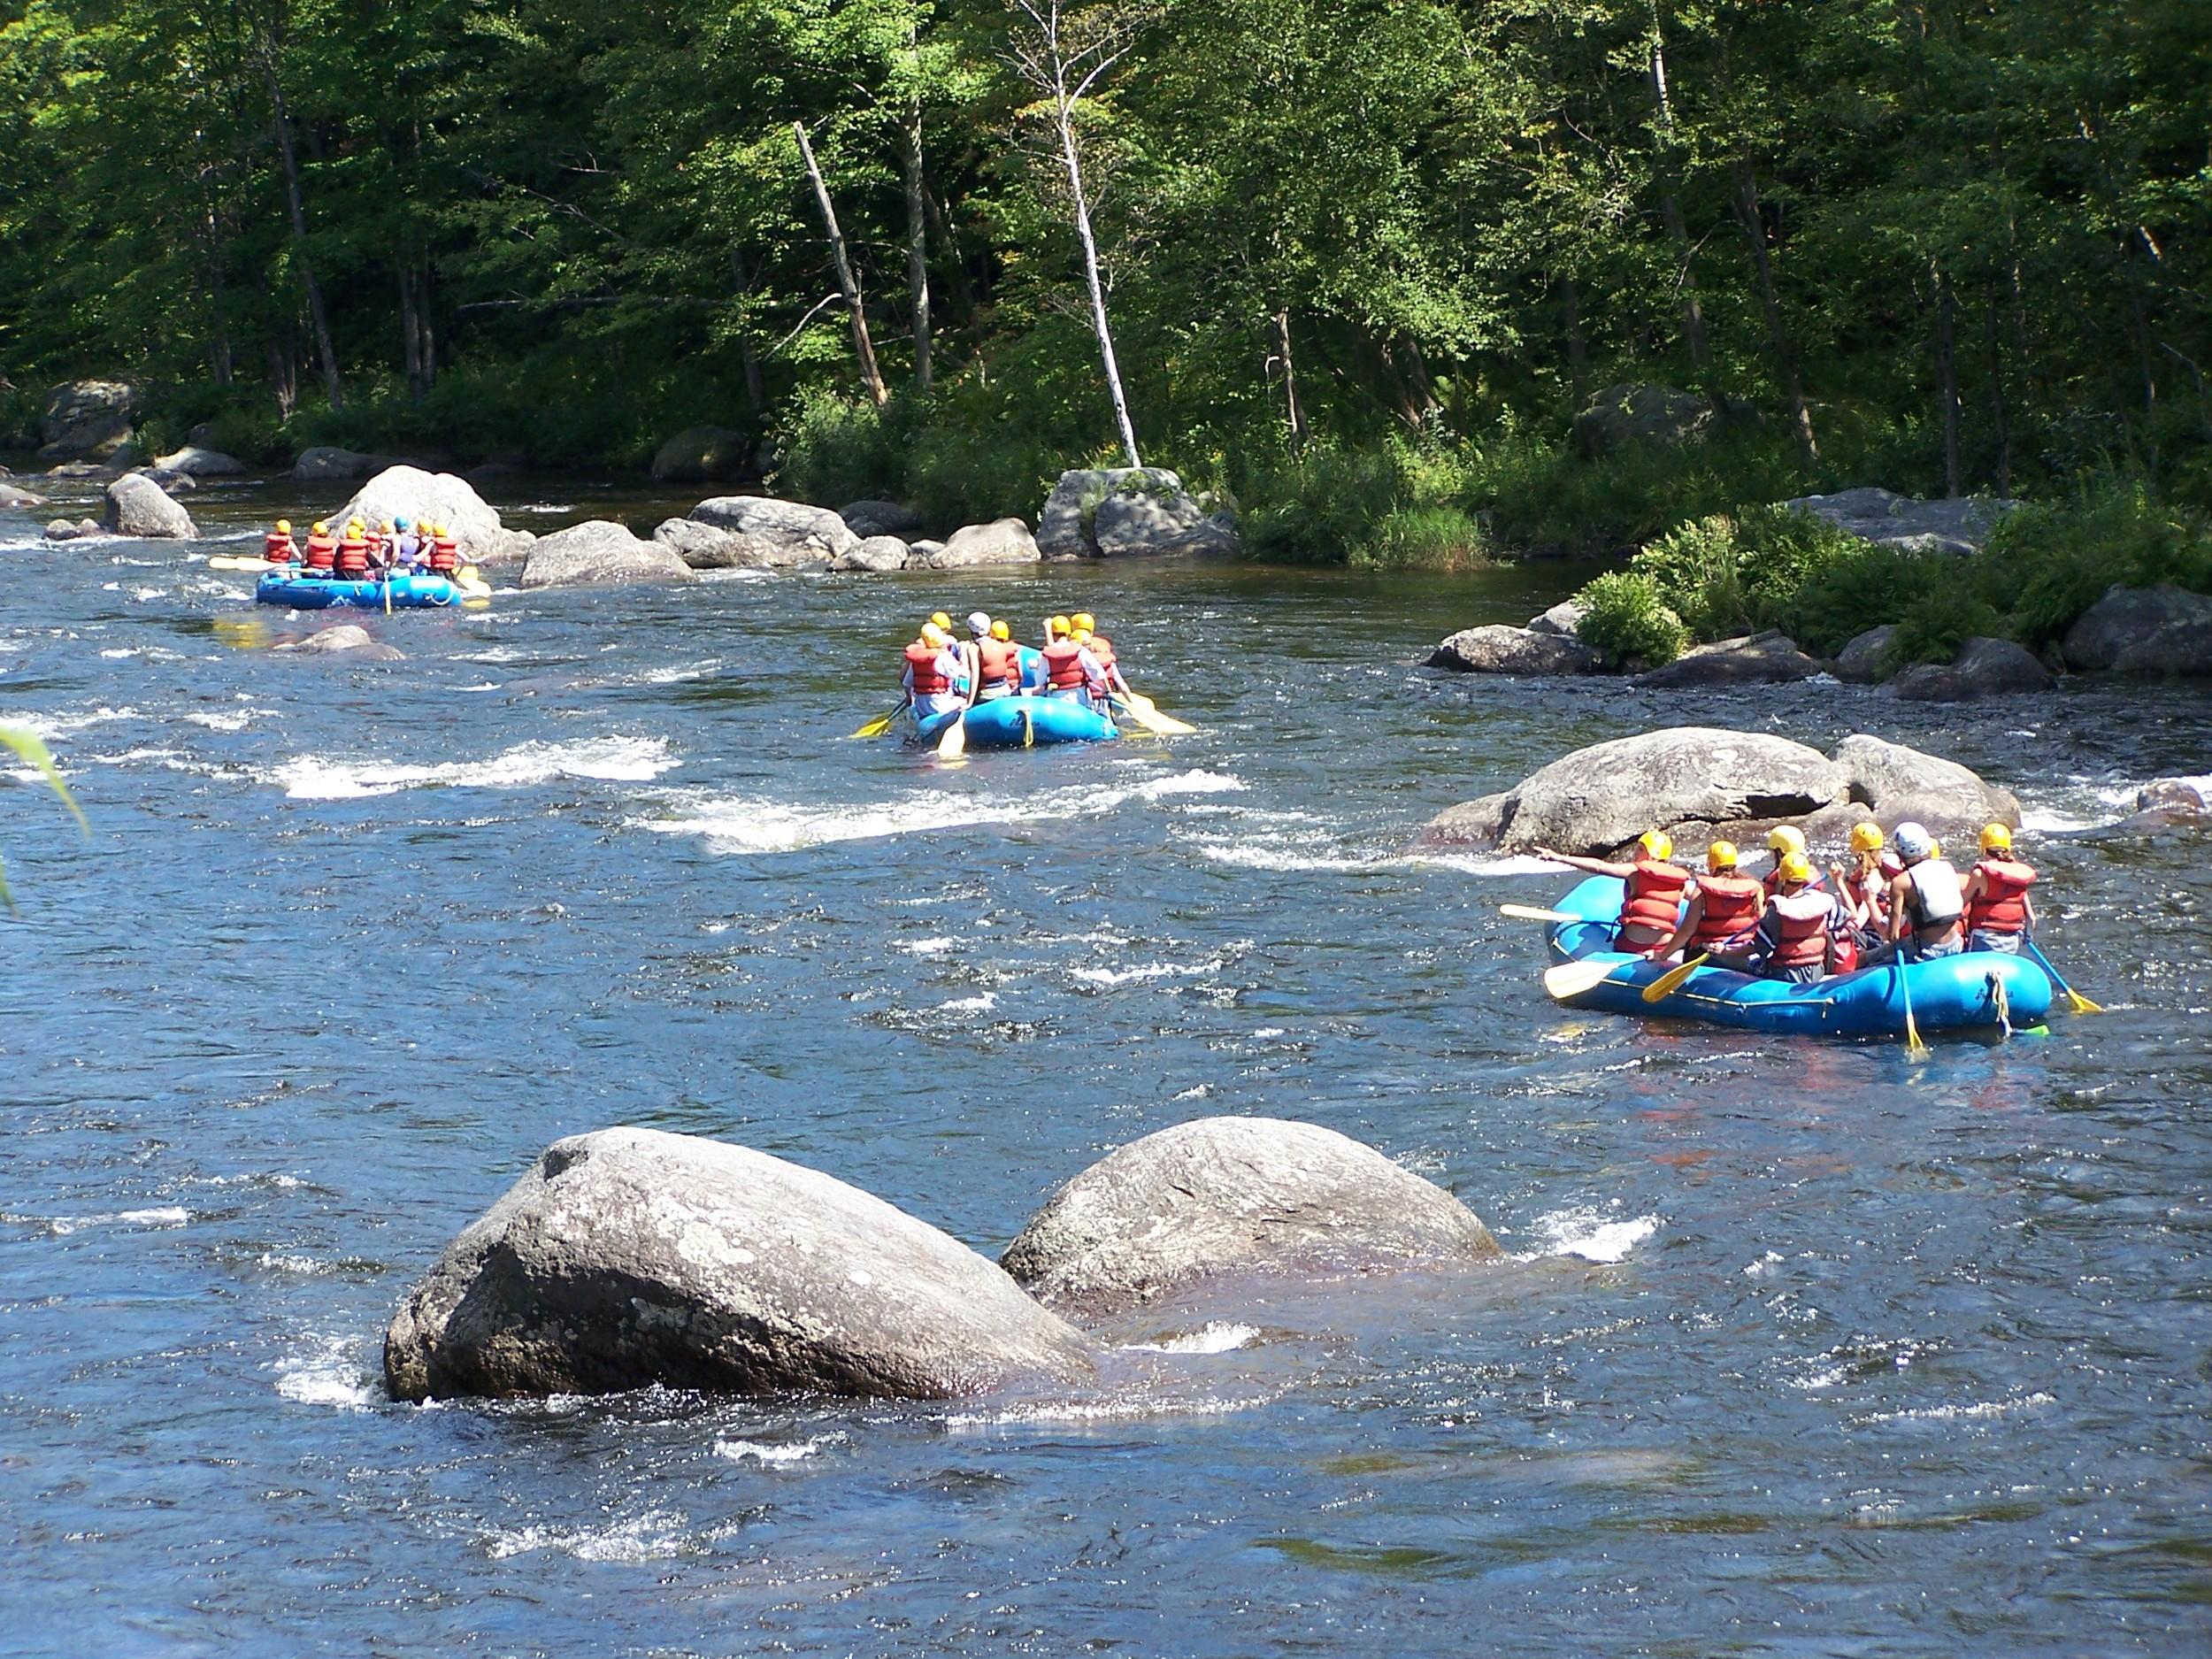 rafting-8-25-05-010.jpg